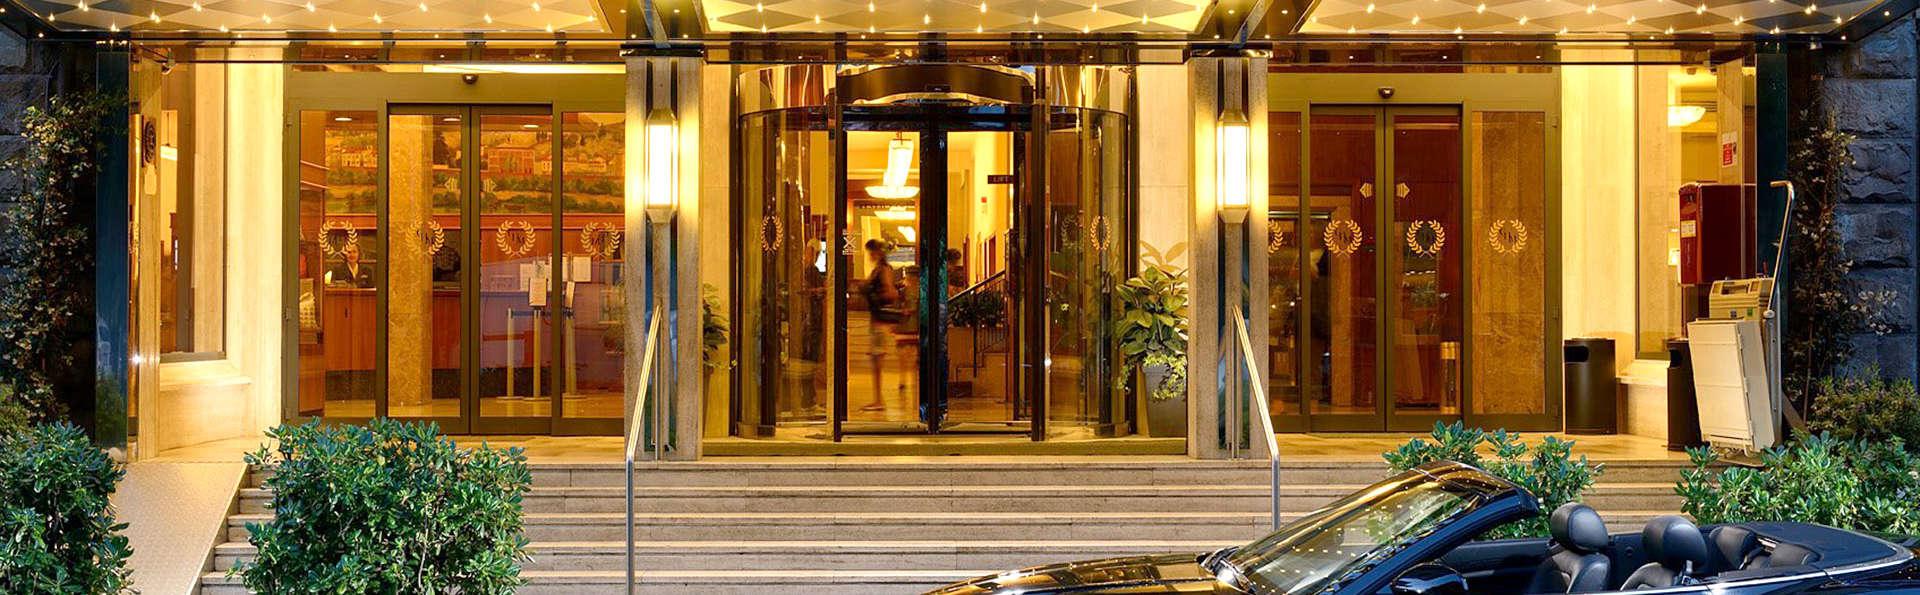 Offre pour le pont du 1er novembre, dans un hôtel 4 étoiles à Florence !